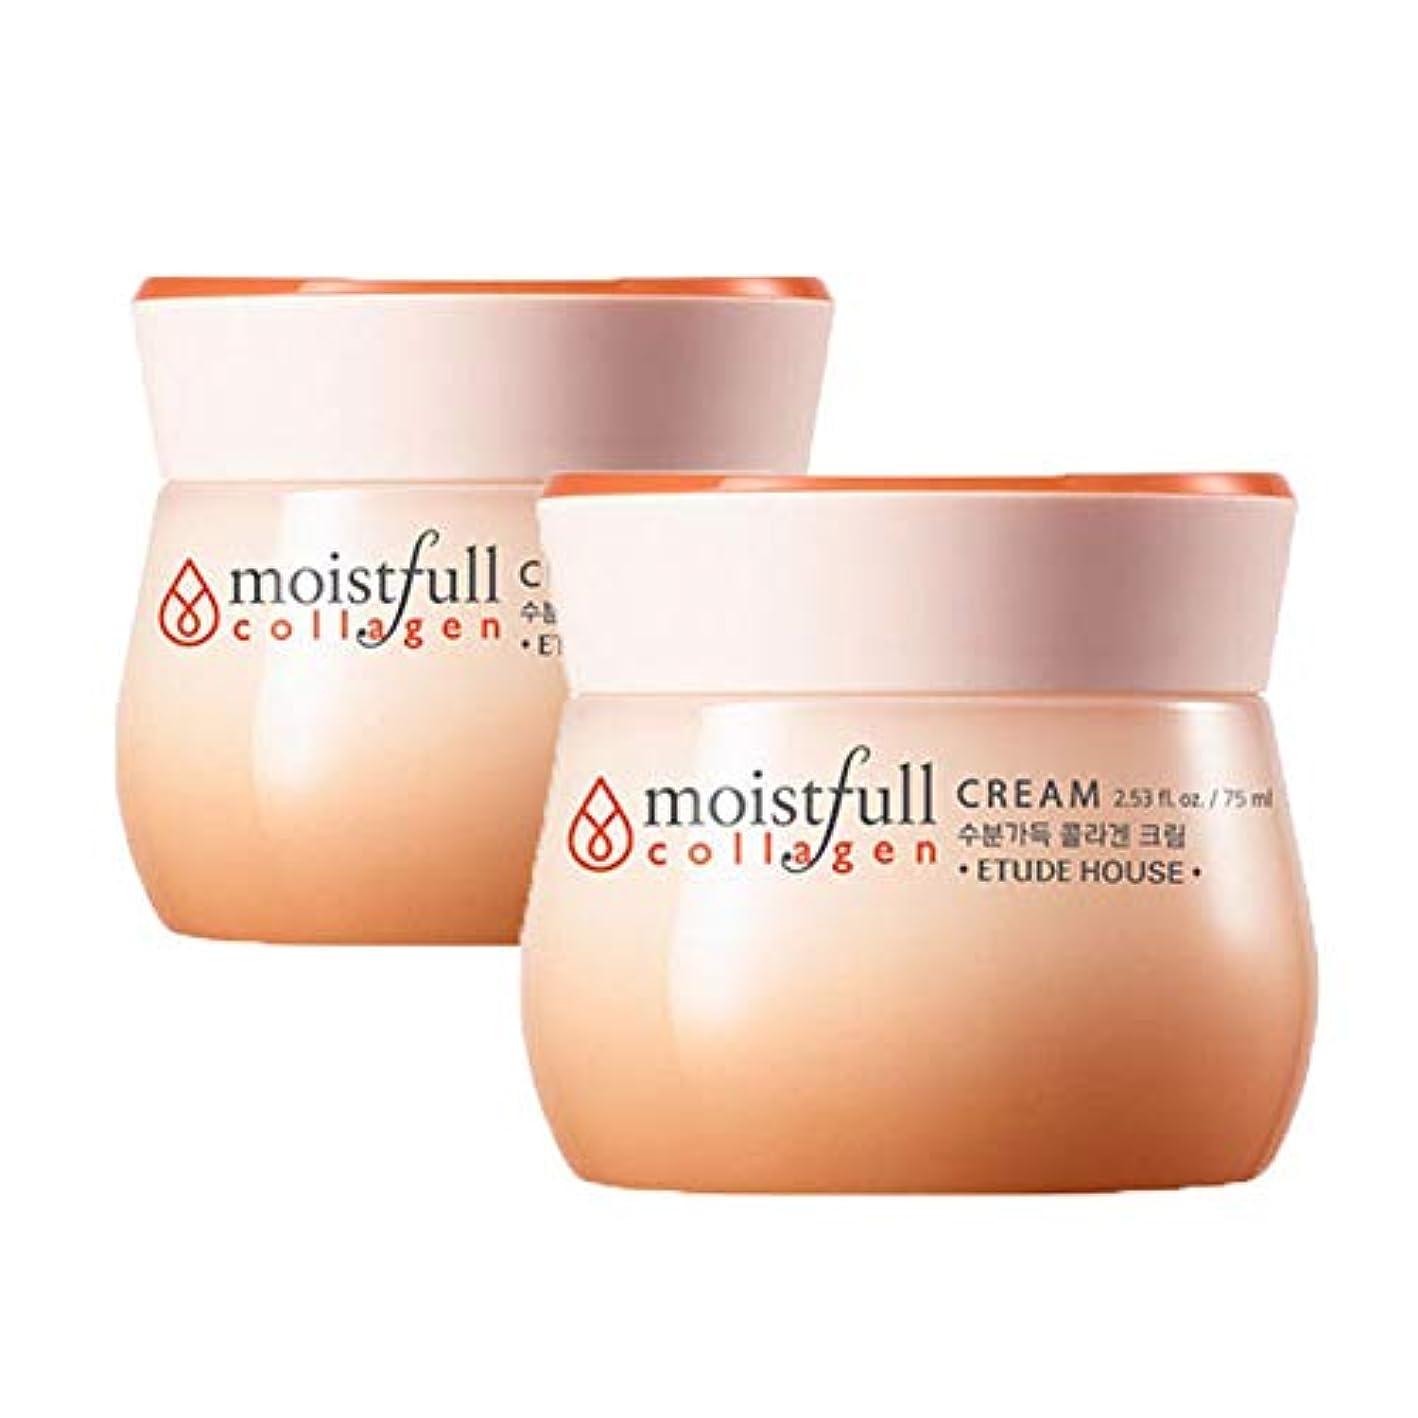 遊びます実施するこれらエチュードハウス水分いっぱいコラーゲンクリーム 75mlx2本セット韓国コスメ、Etude House Moistfull Collagen Cream 75ml x 2ea Set Korean Cosmetics [...